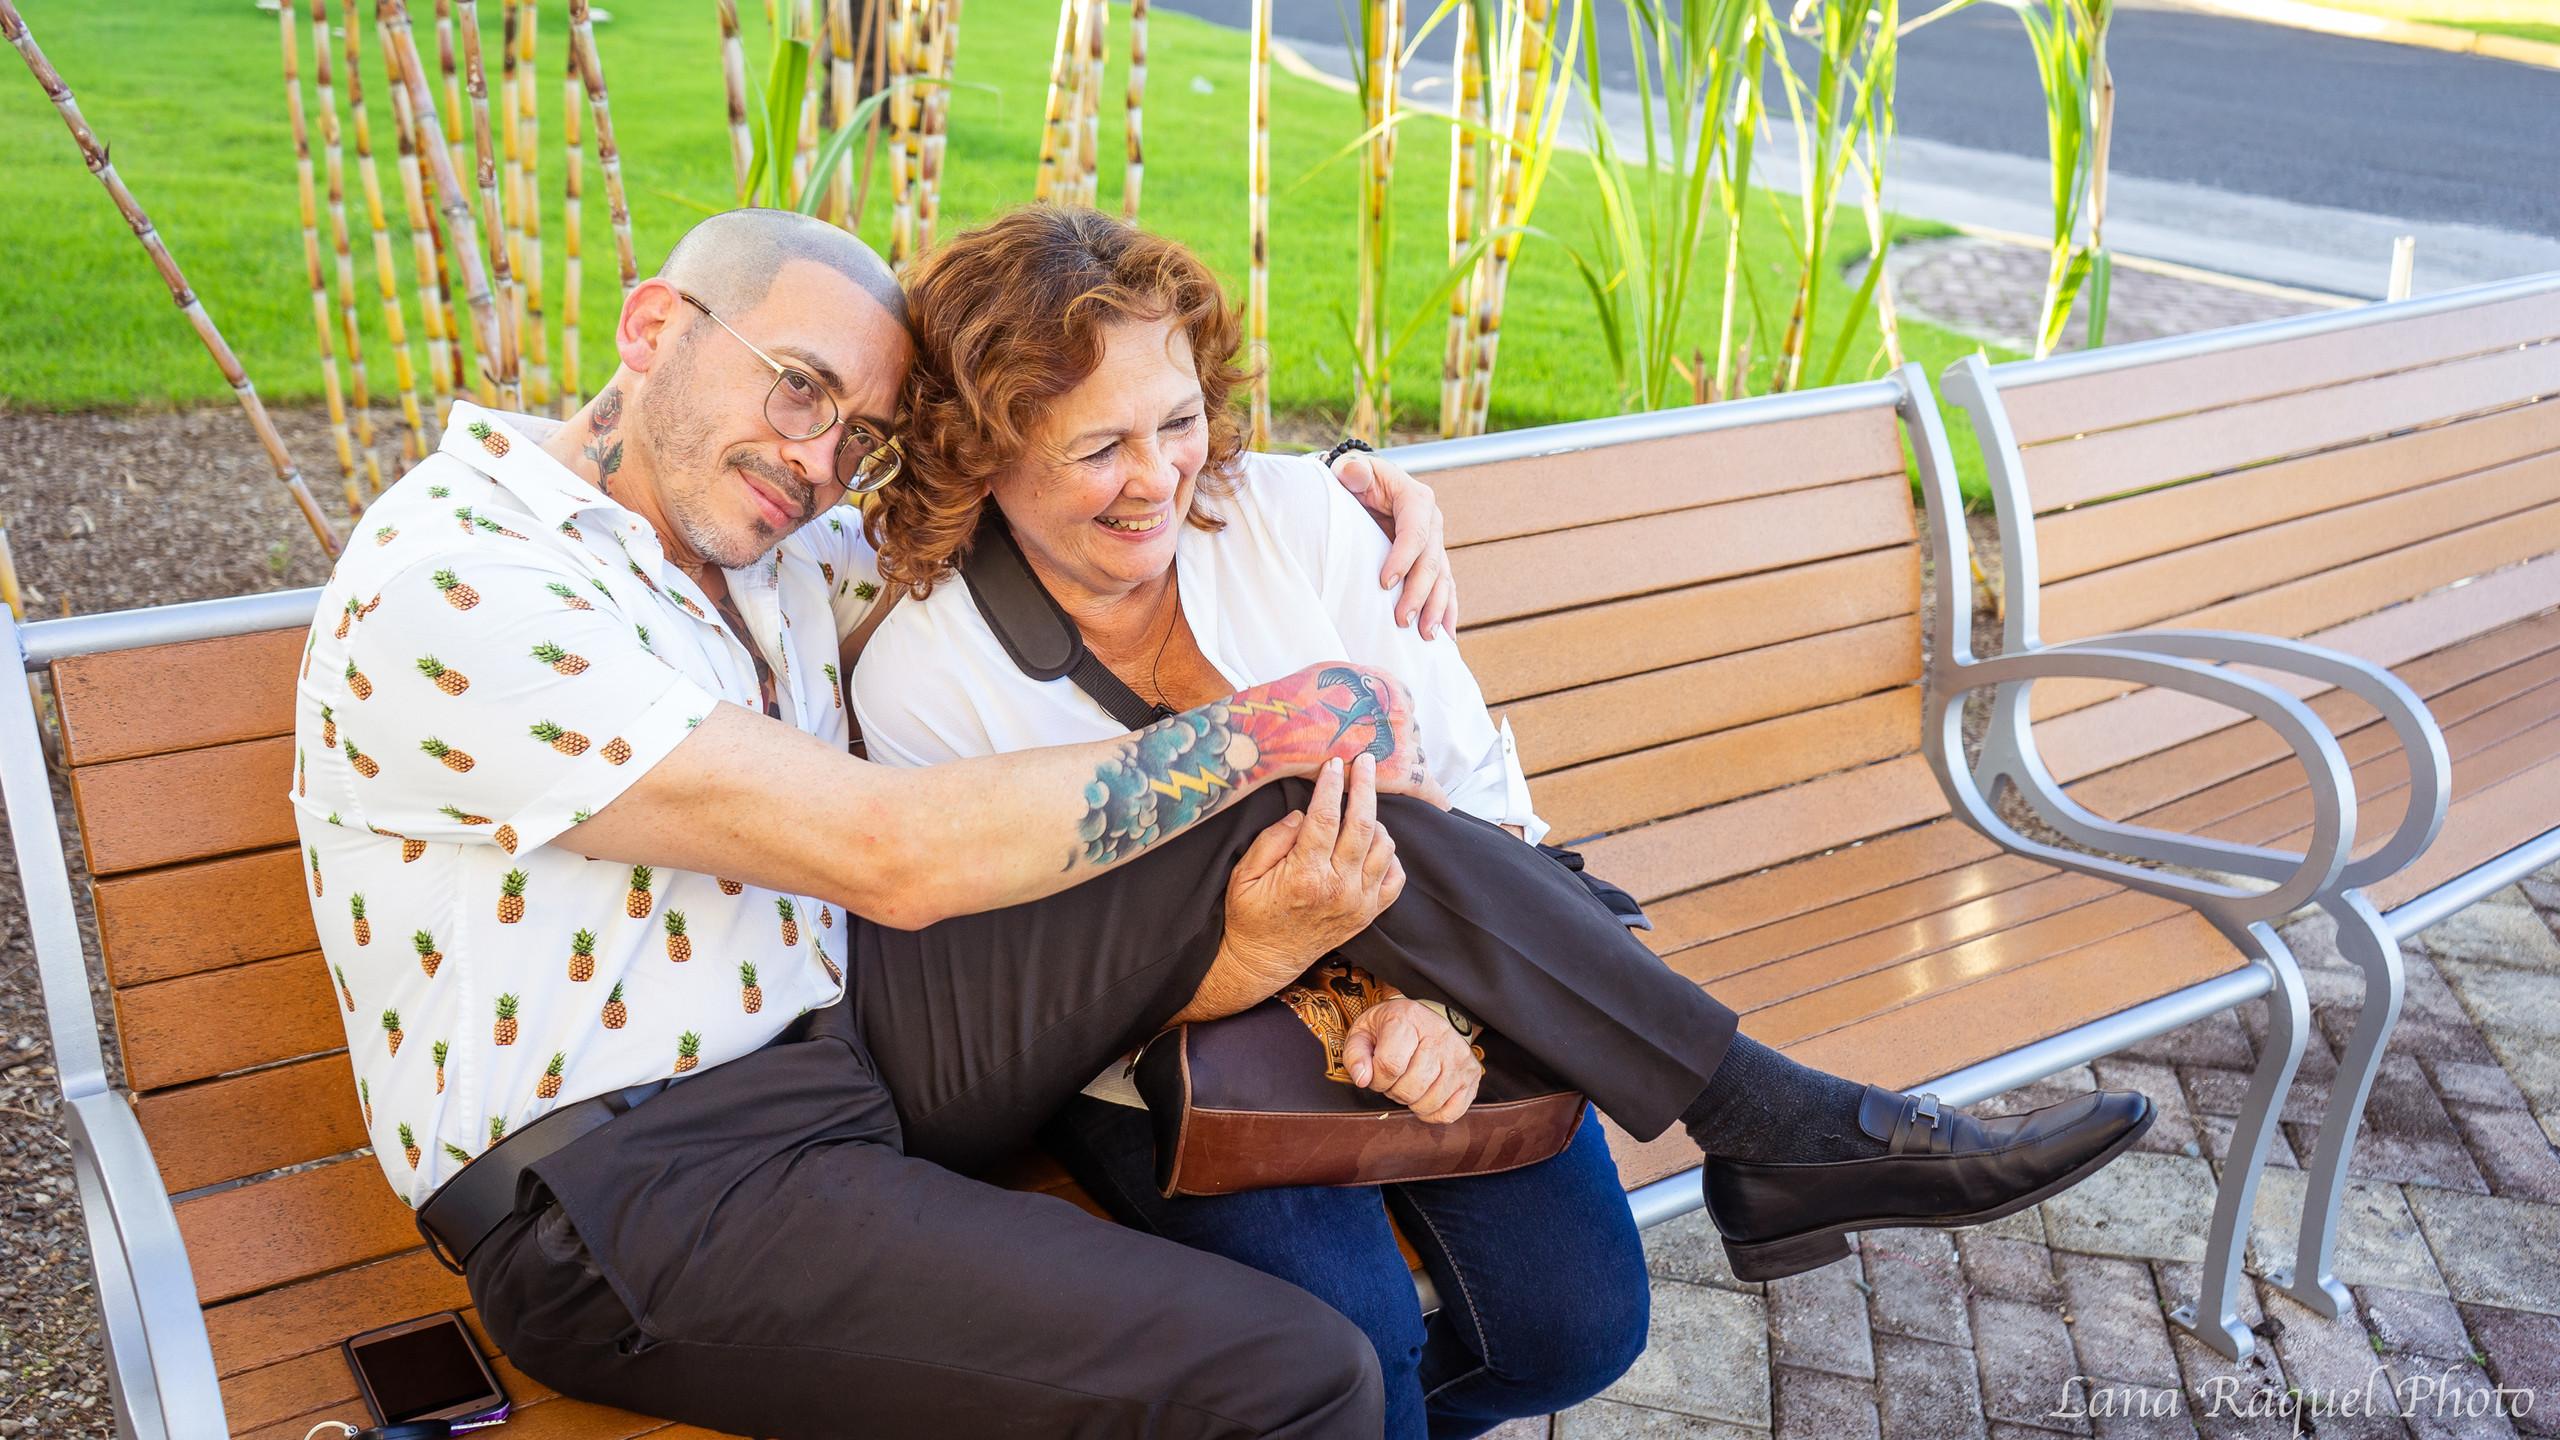 Son and Mom hug on vacation